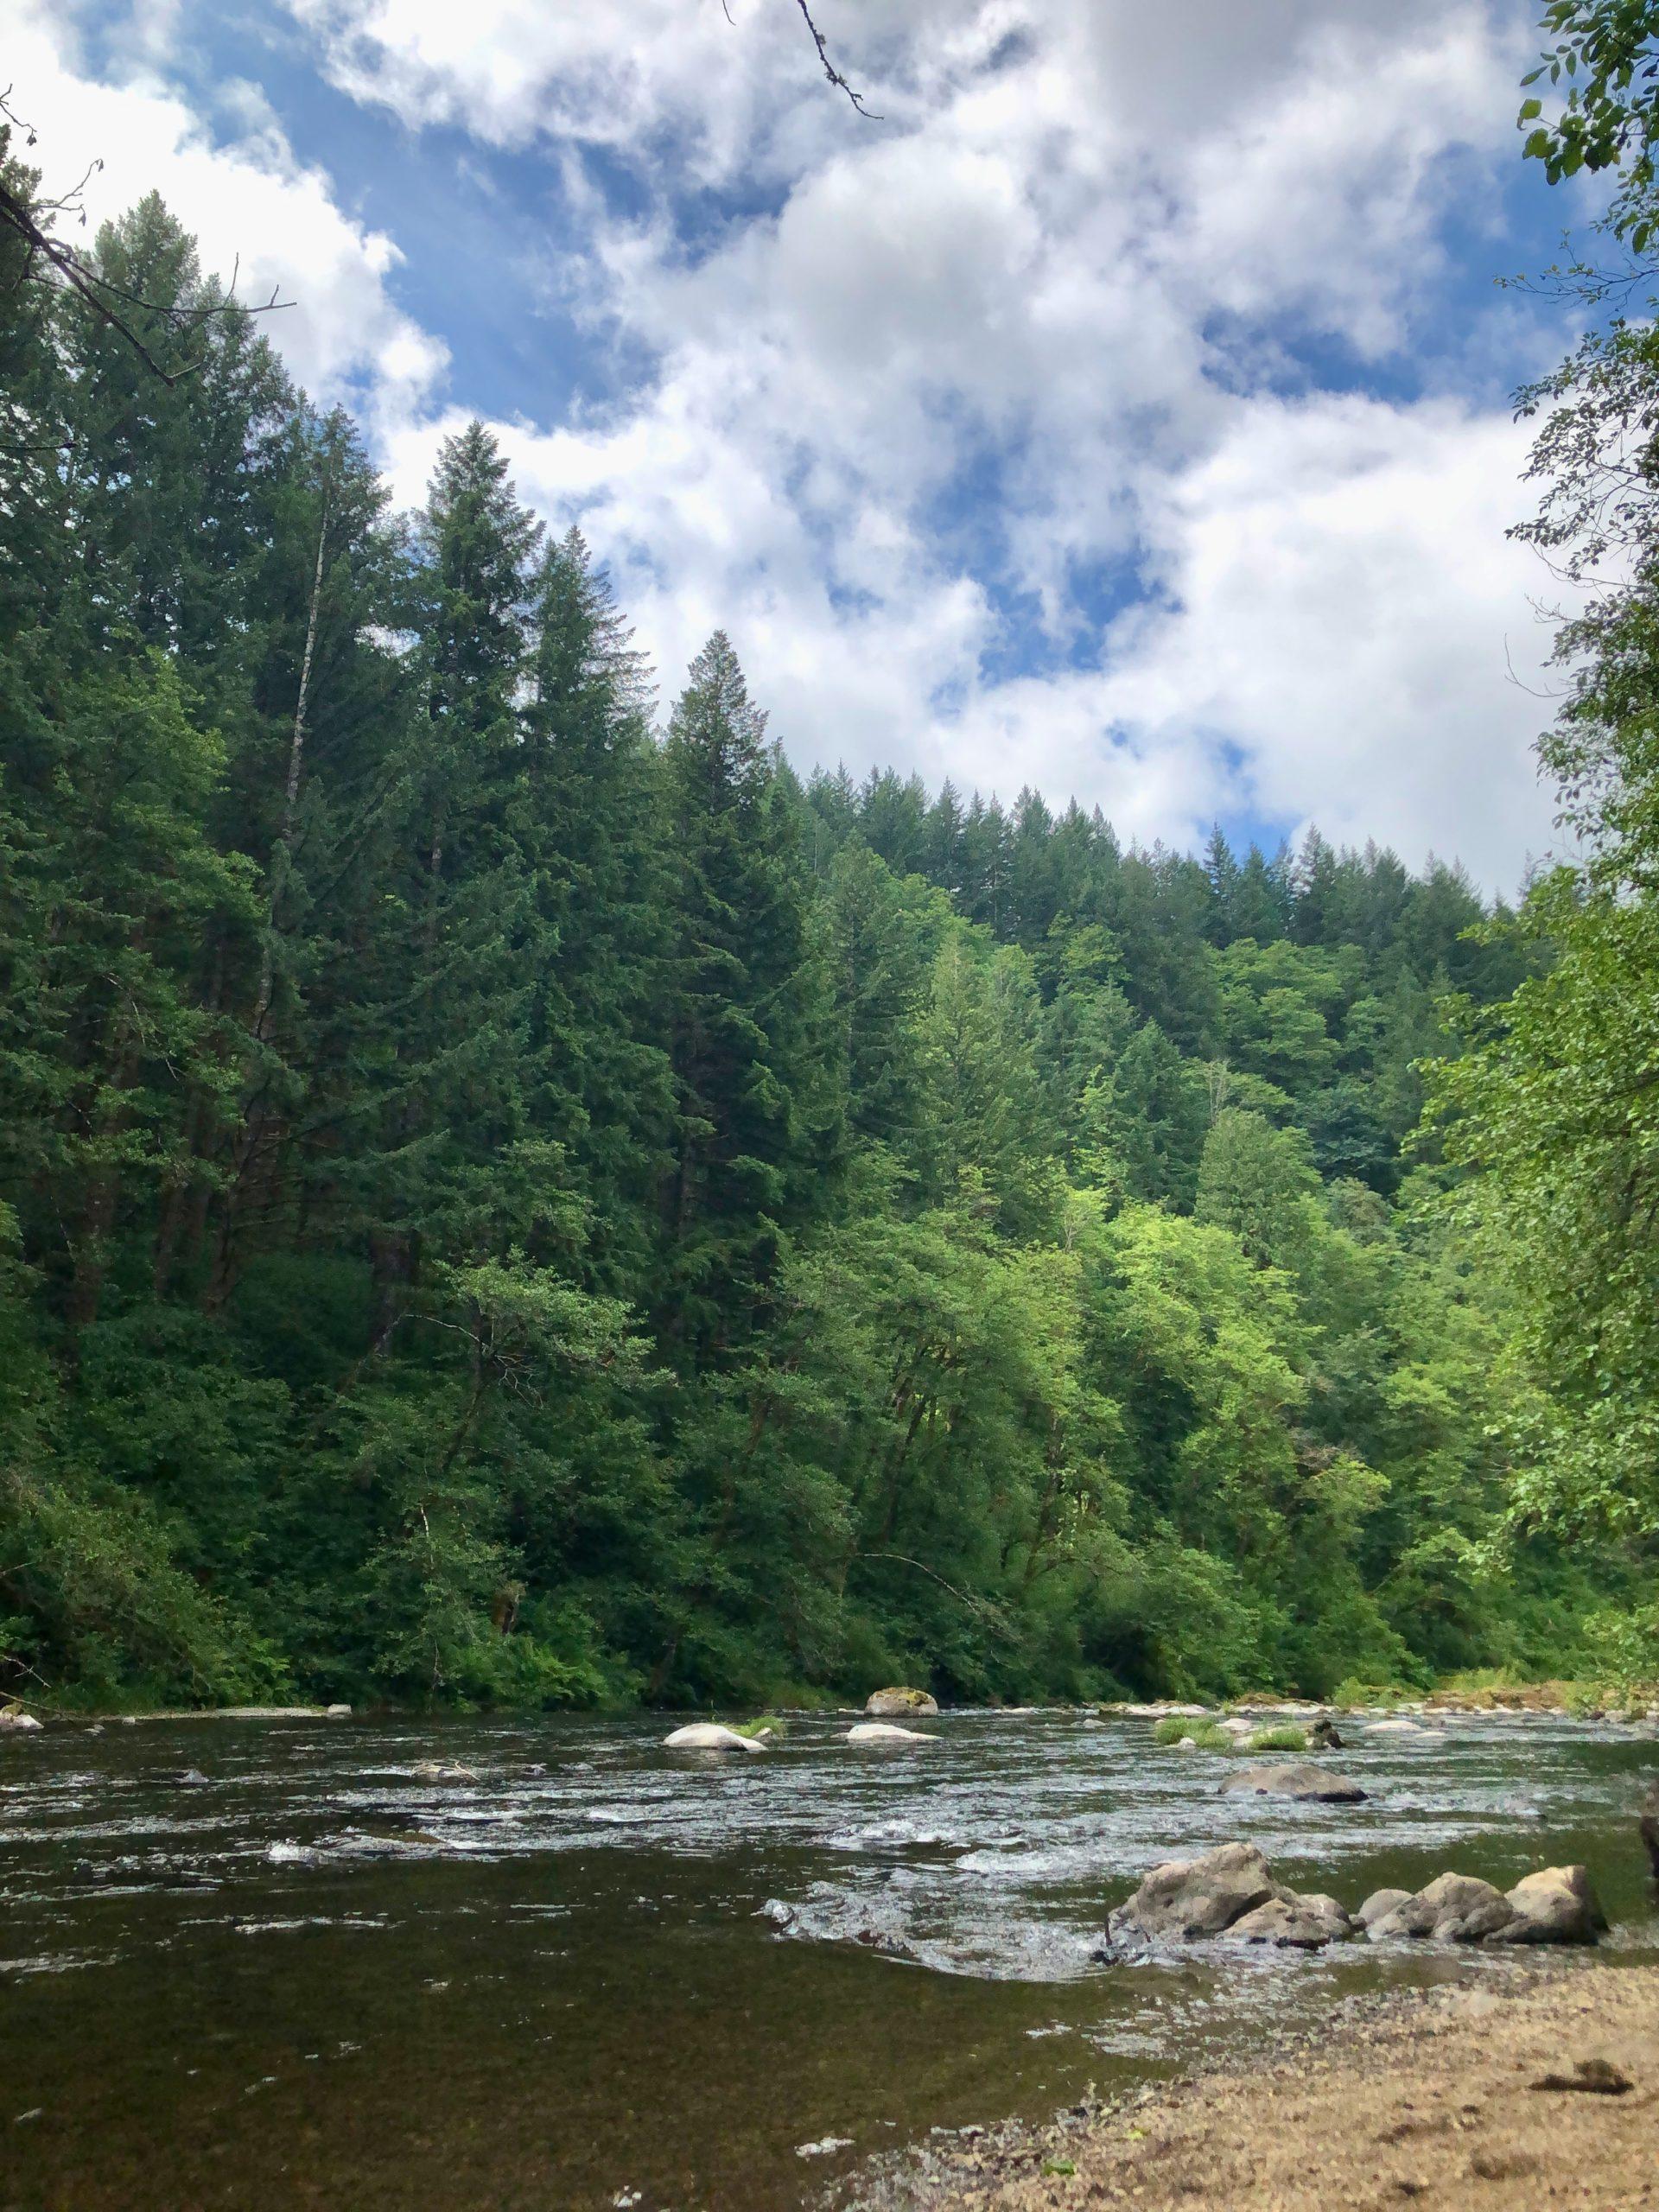 Moulton Falls Hike East Fork Lewis River